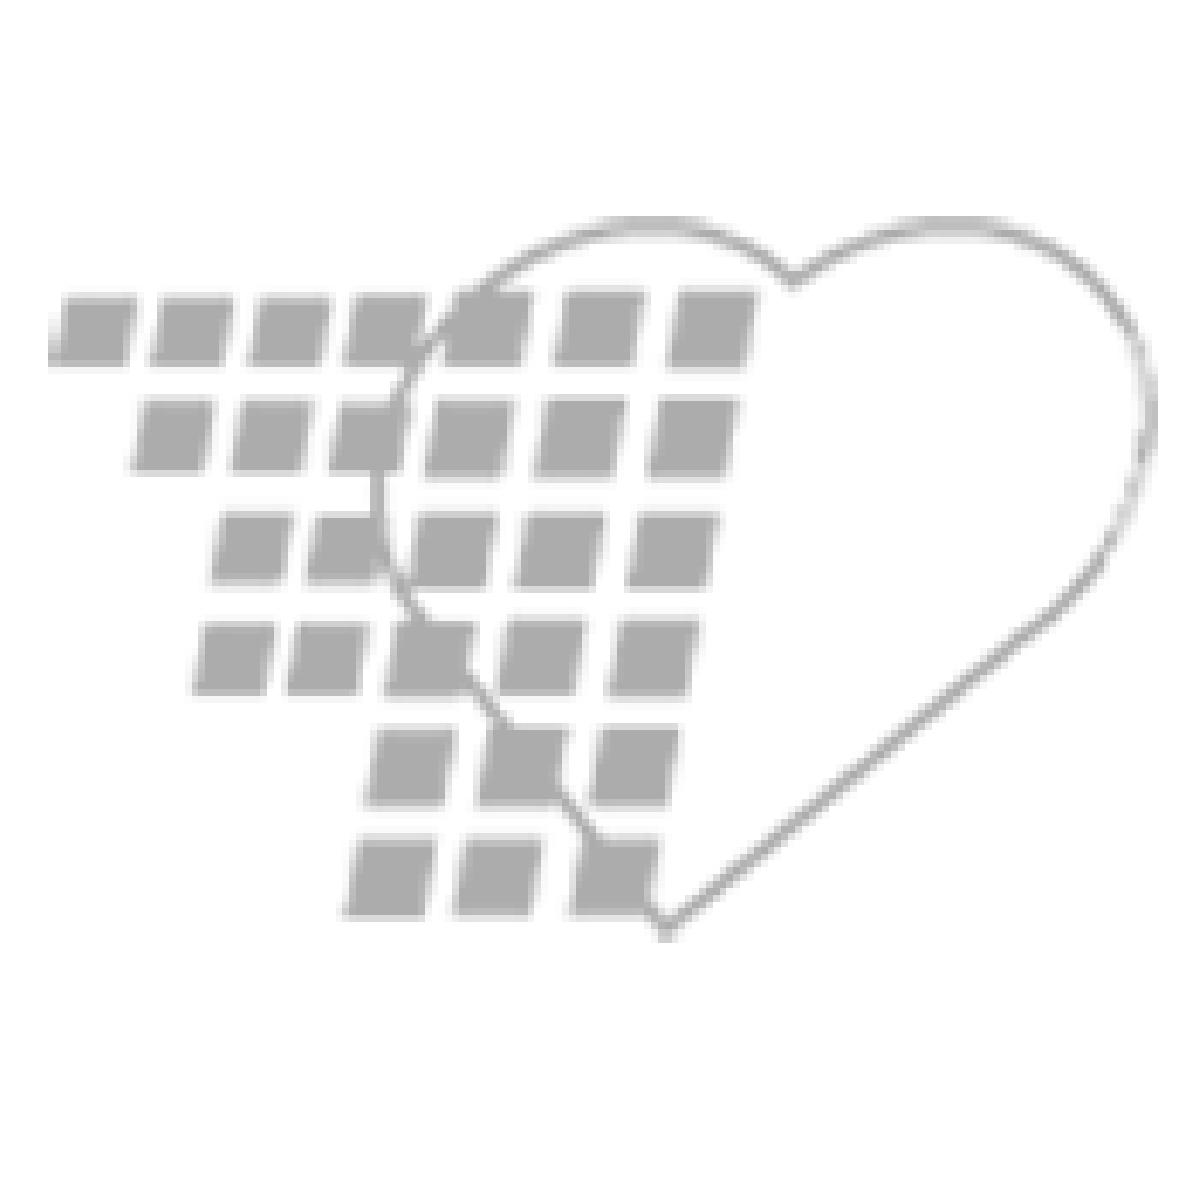 06-93-2013 - Demo Dose® 2mL Amber Ampule